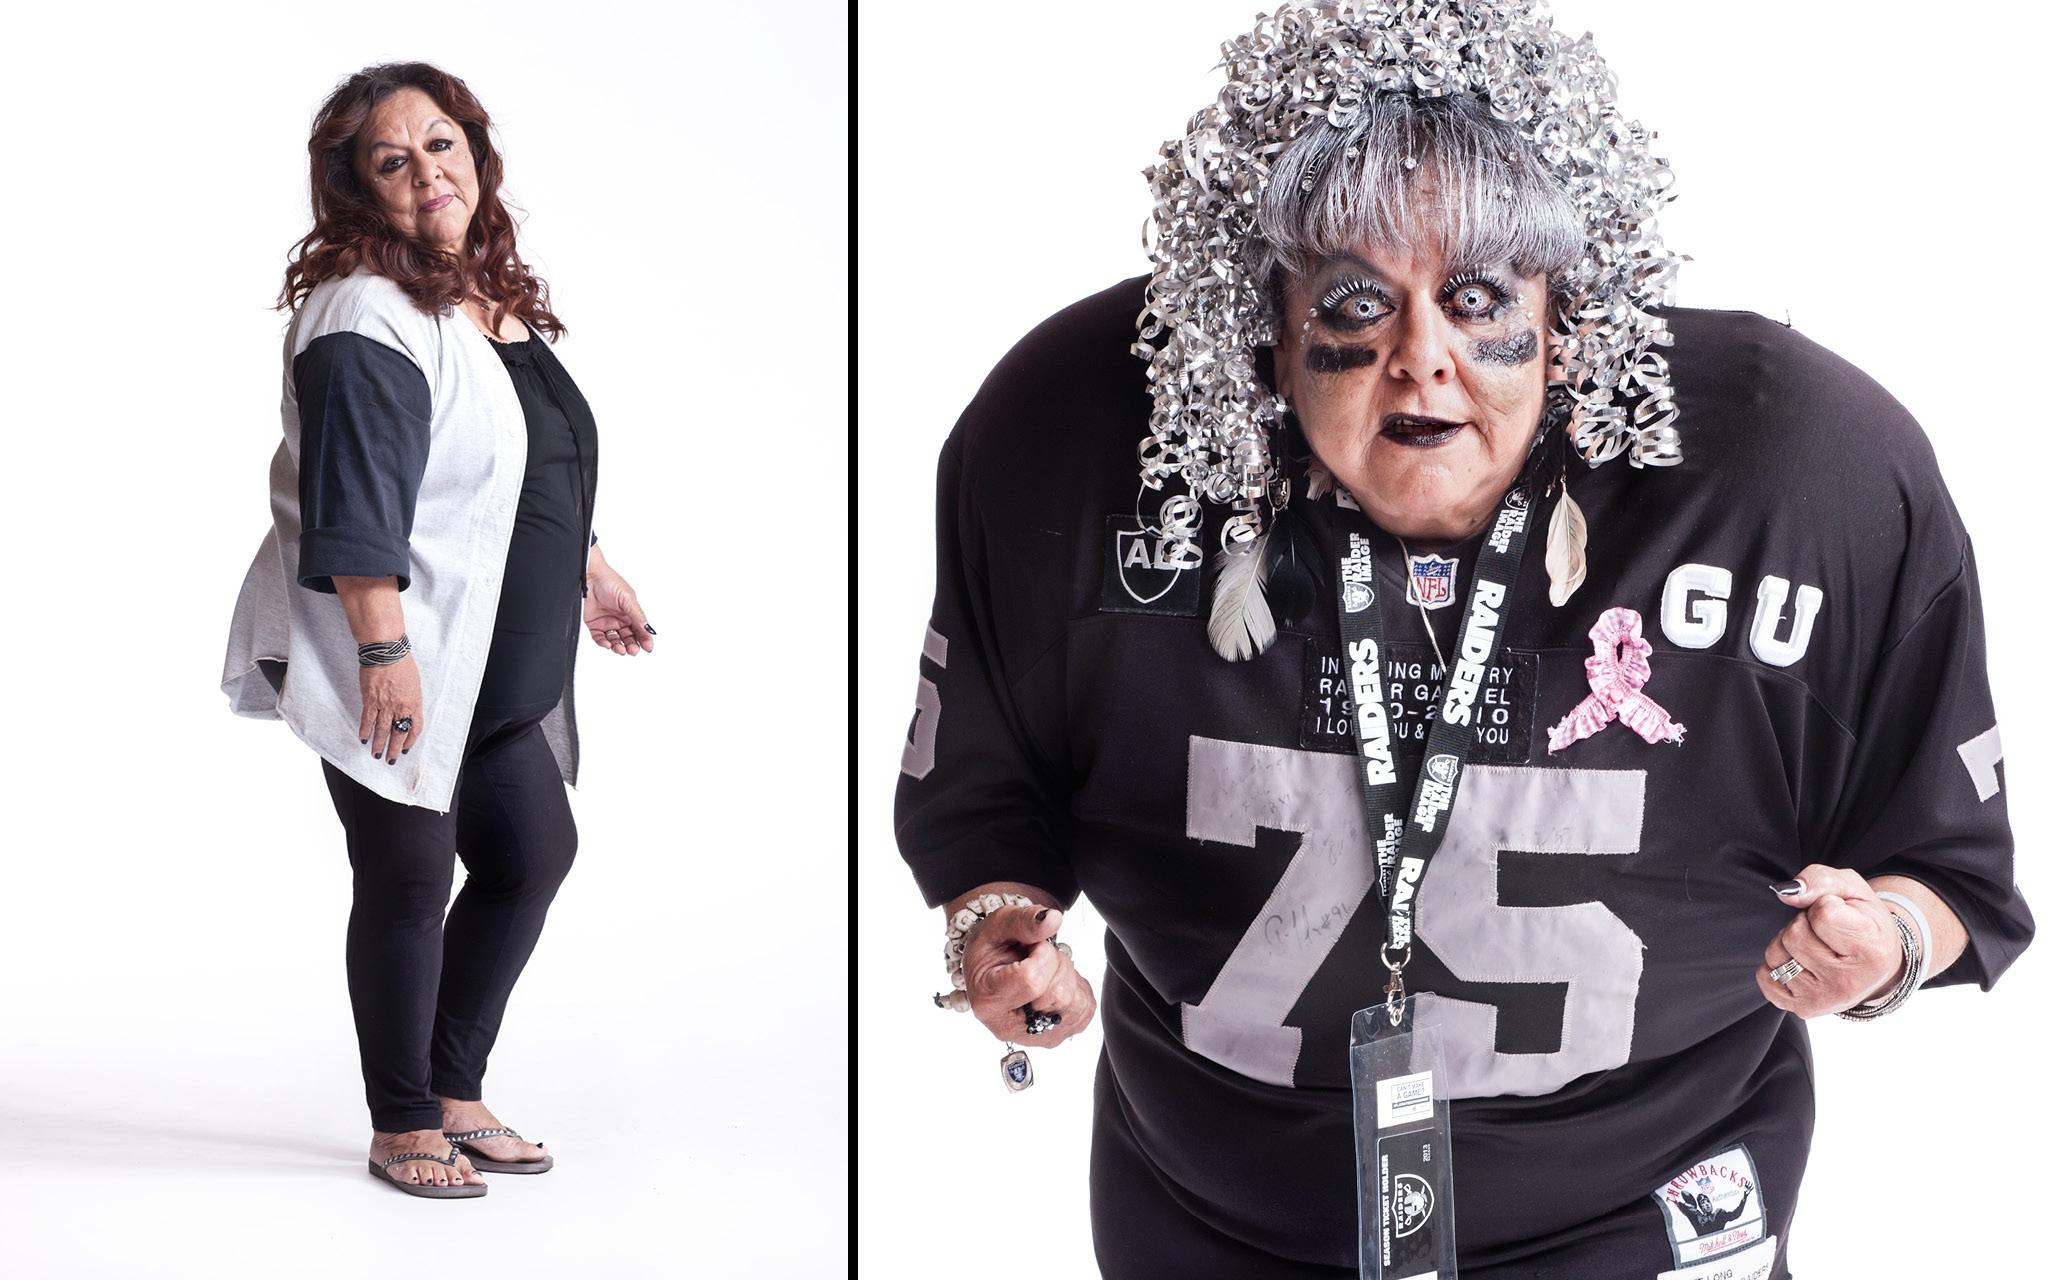 Raider-Gloria Malvaez, 65